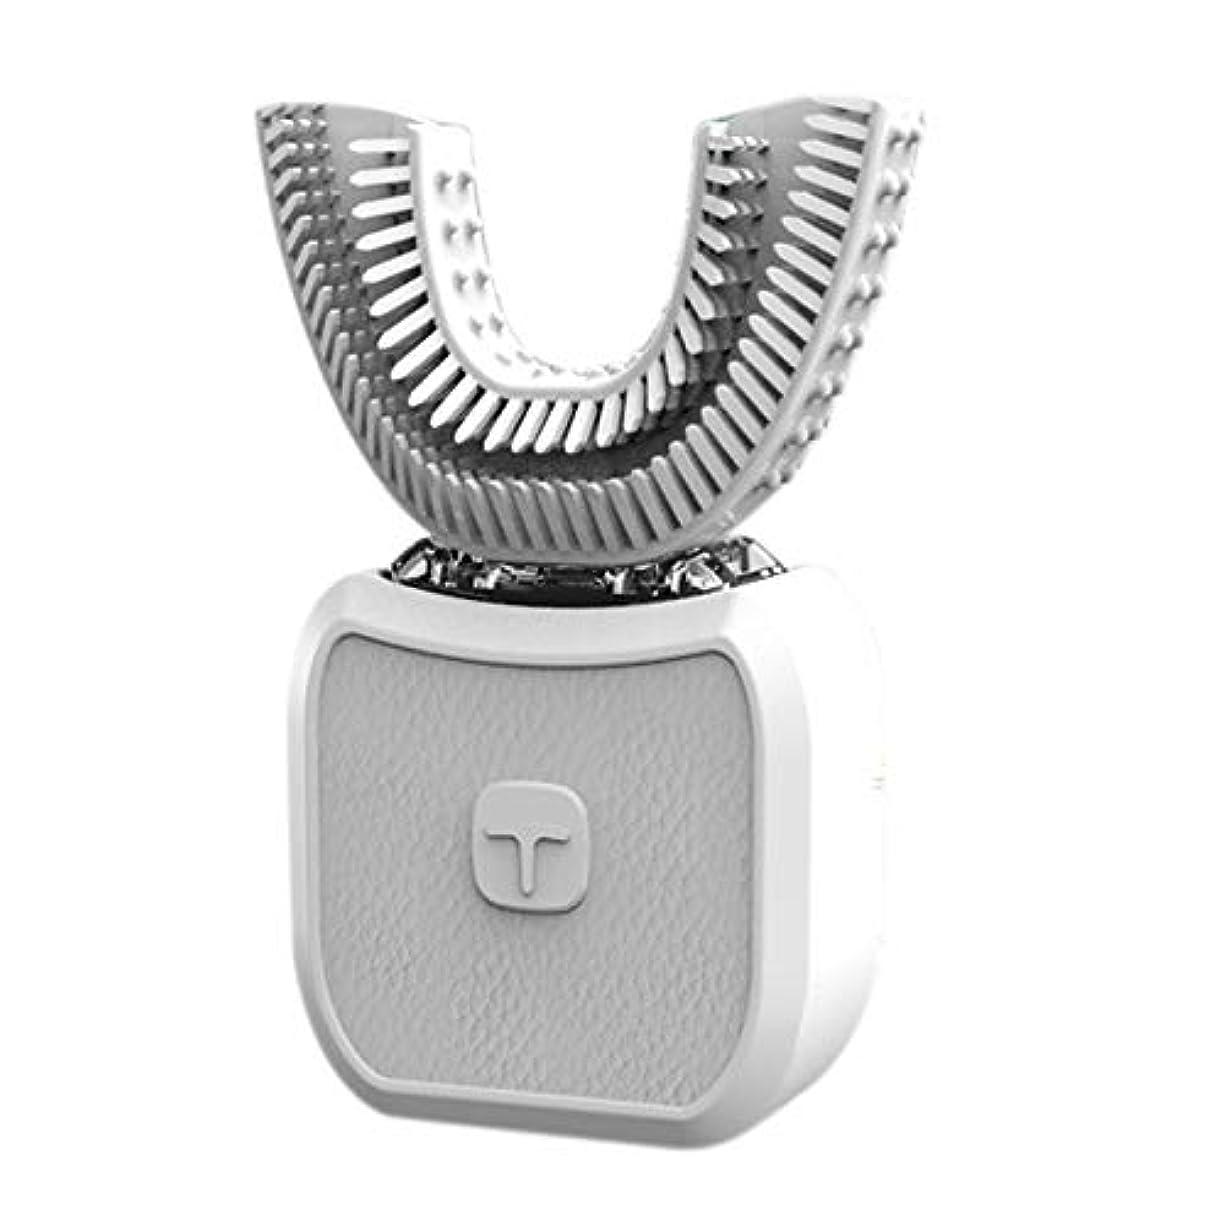 アナロジーリスキーなエゴイズムフルオートマチック可変周波数電動歯ブラシ、自動360度U字型電動歯ブラシ、ワイヤレス充電IPX7防水自動歯ブラシ(大人用),White